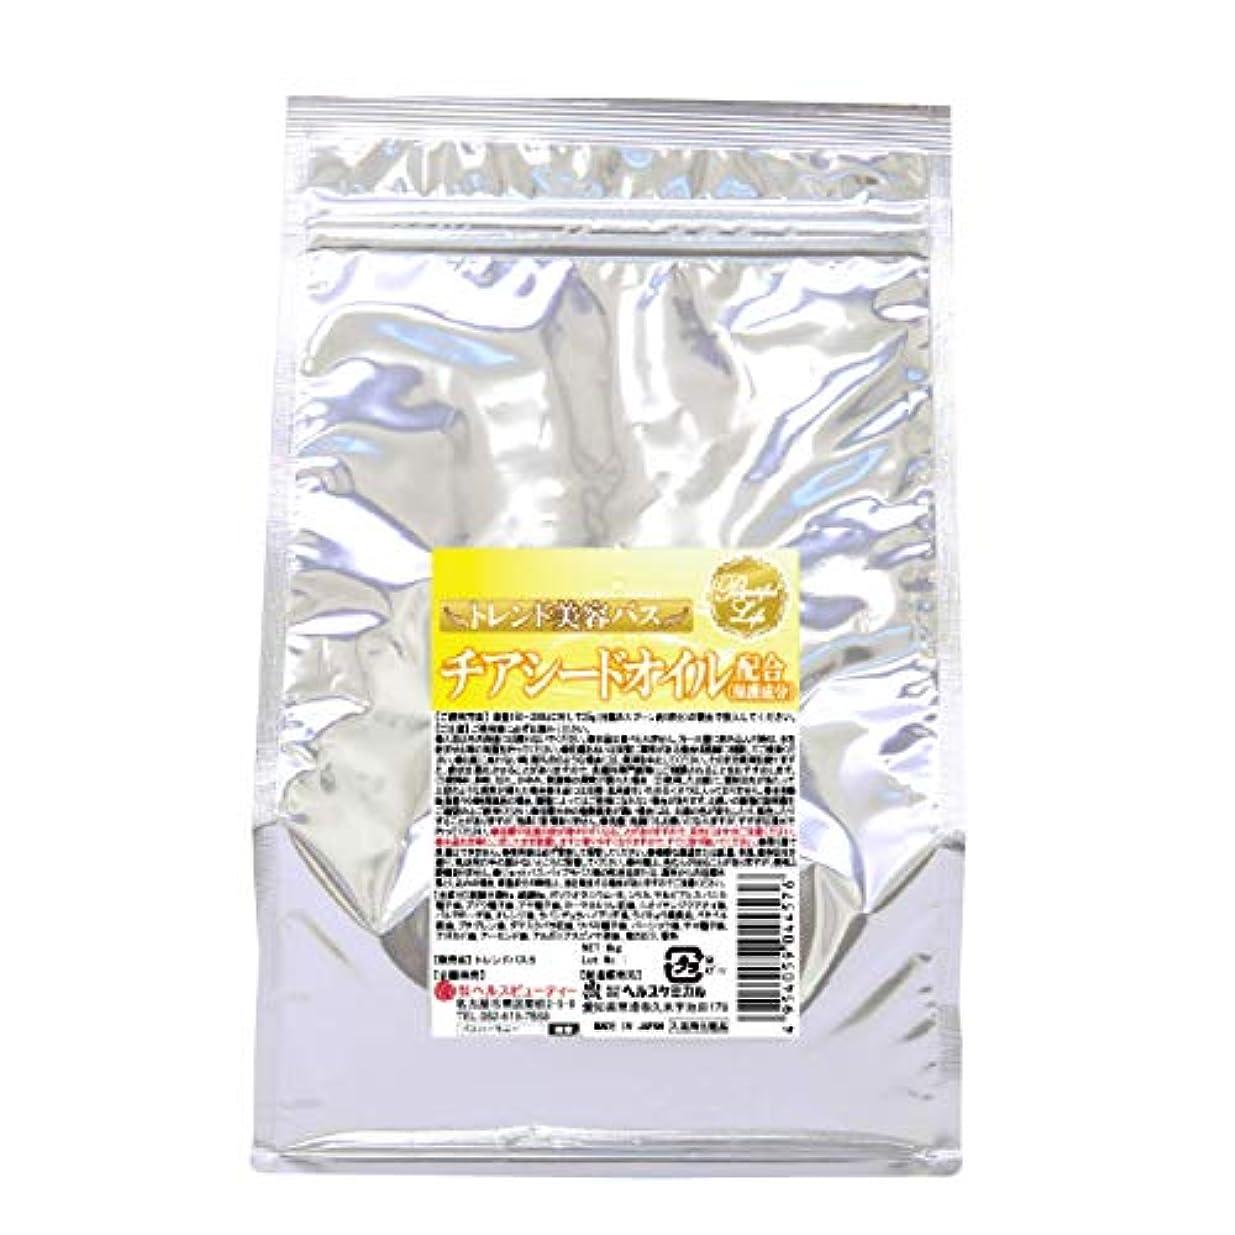 赤面レシピコミュニティ入浴剤 湯匠仕込 チアシードオイル配合 1kg 50回分 お徳用